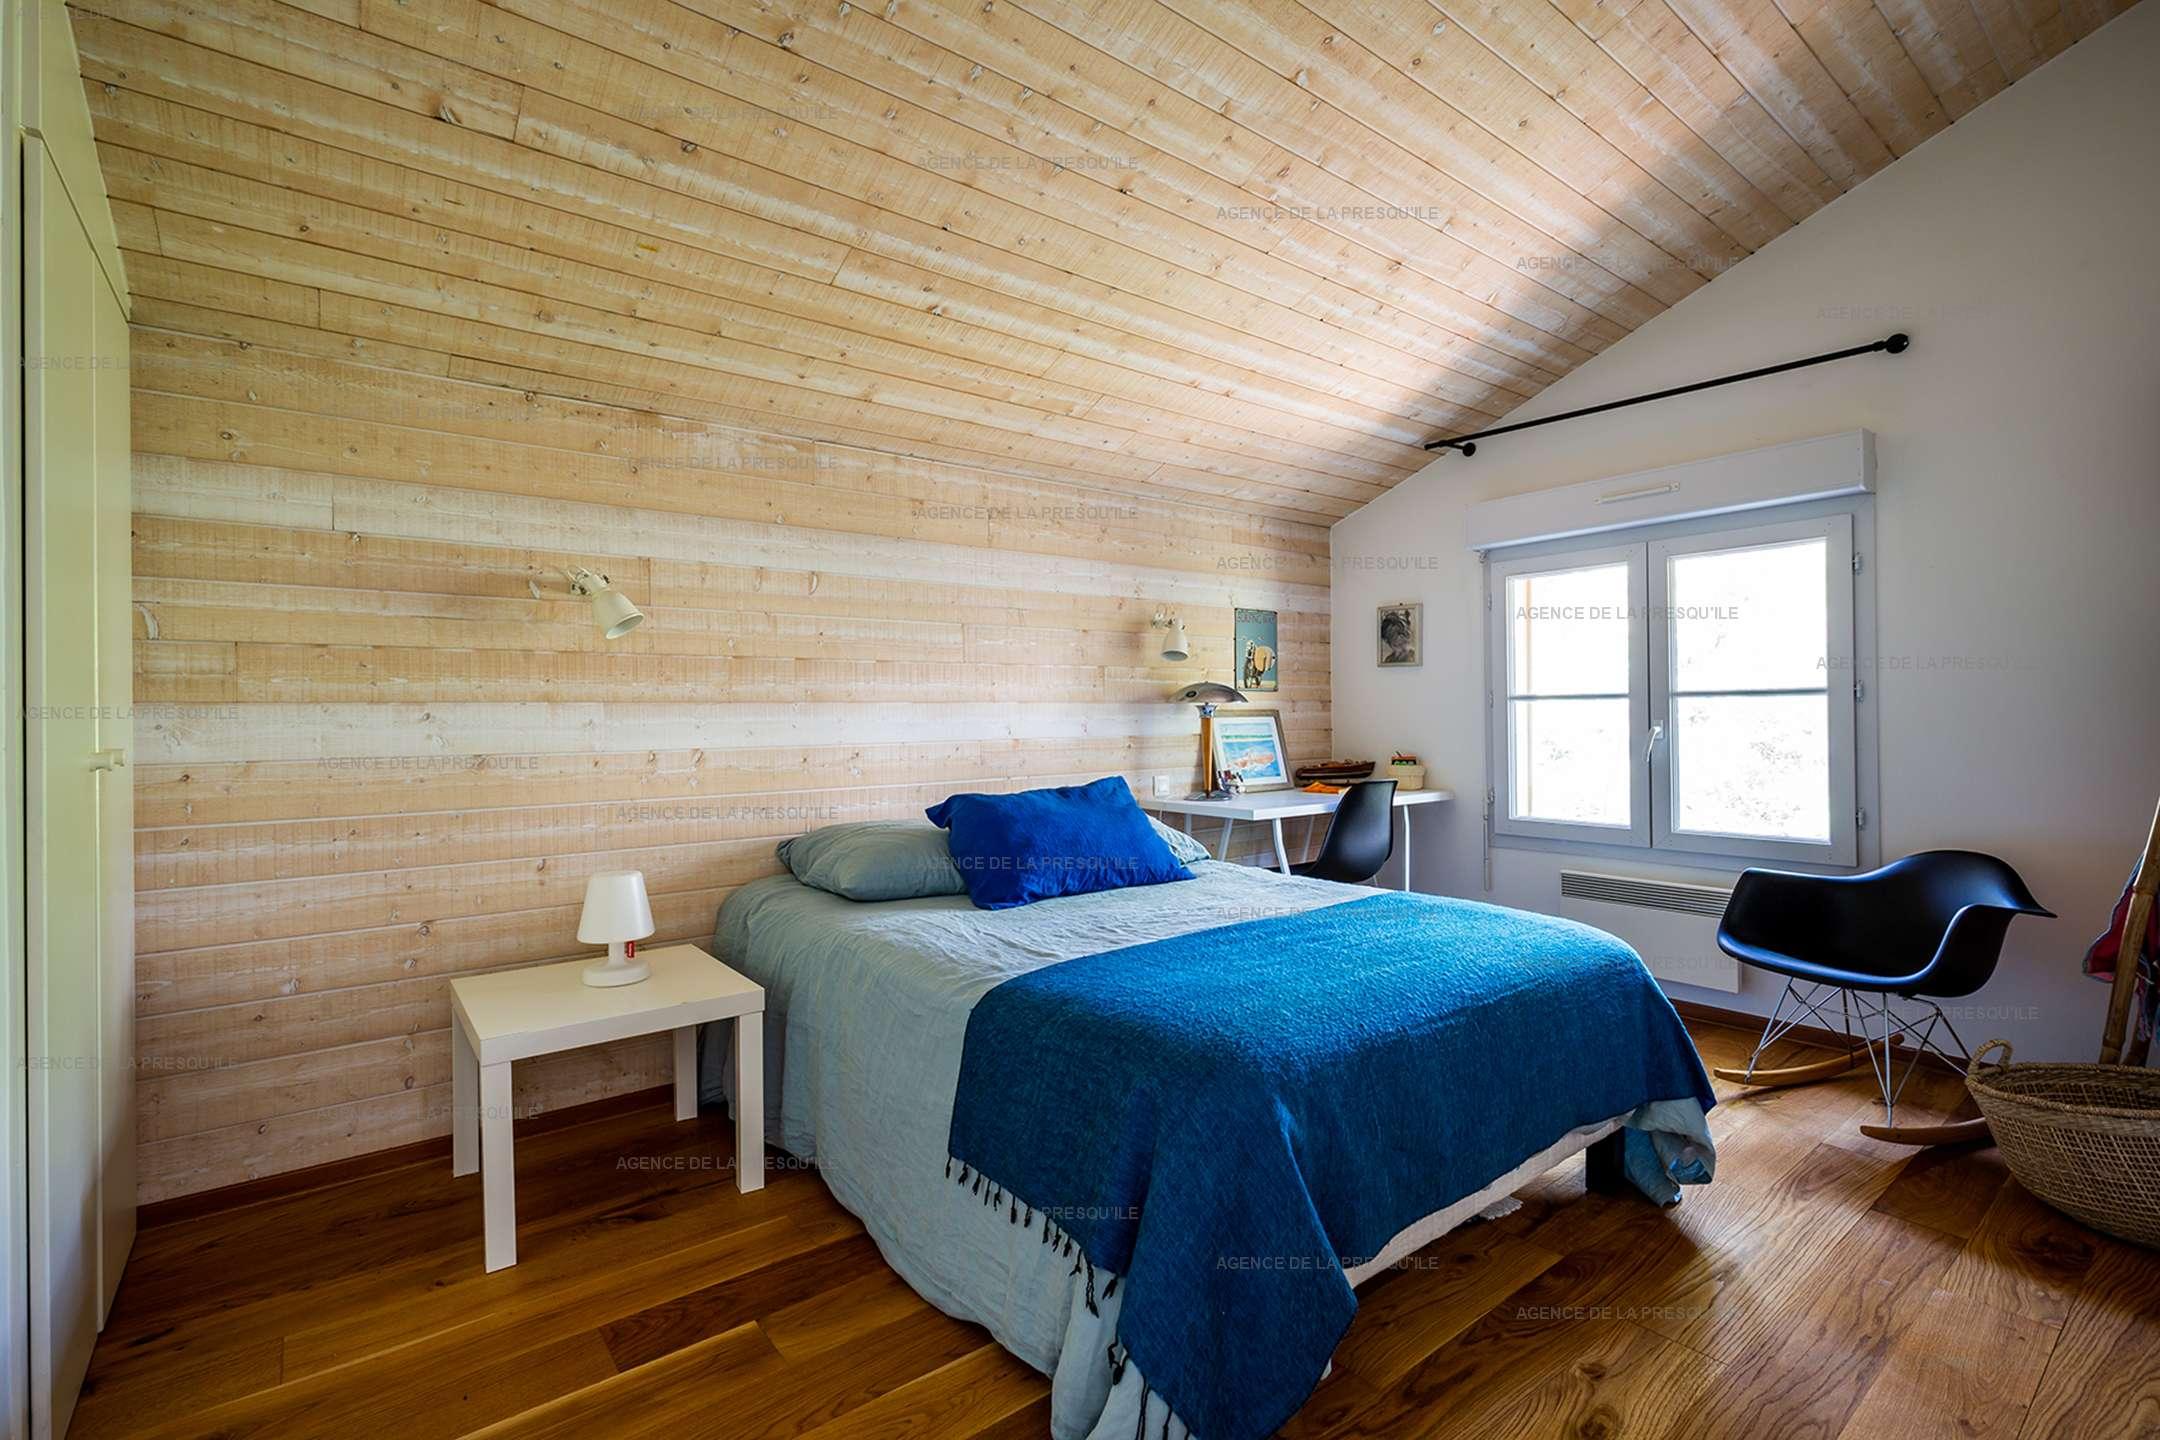 Location: Très jolie villa en bordure de forêt avec piscine 9